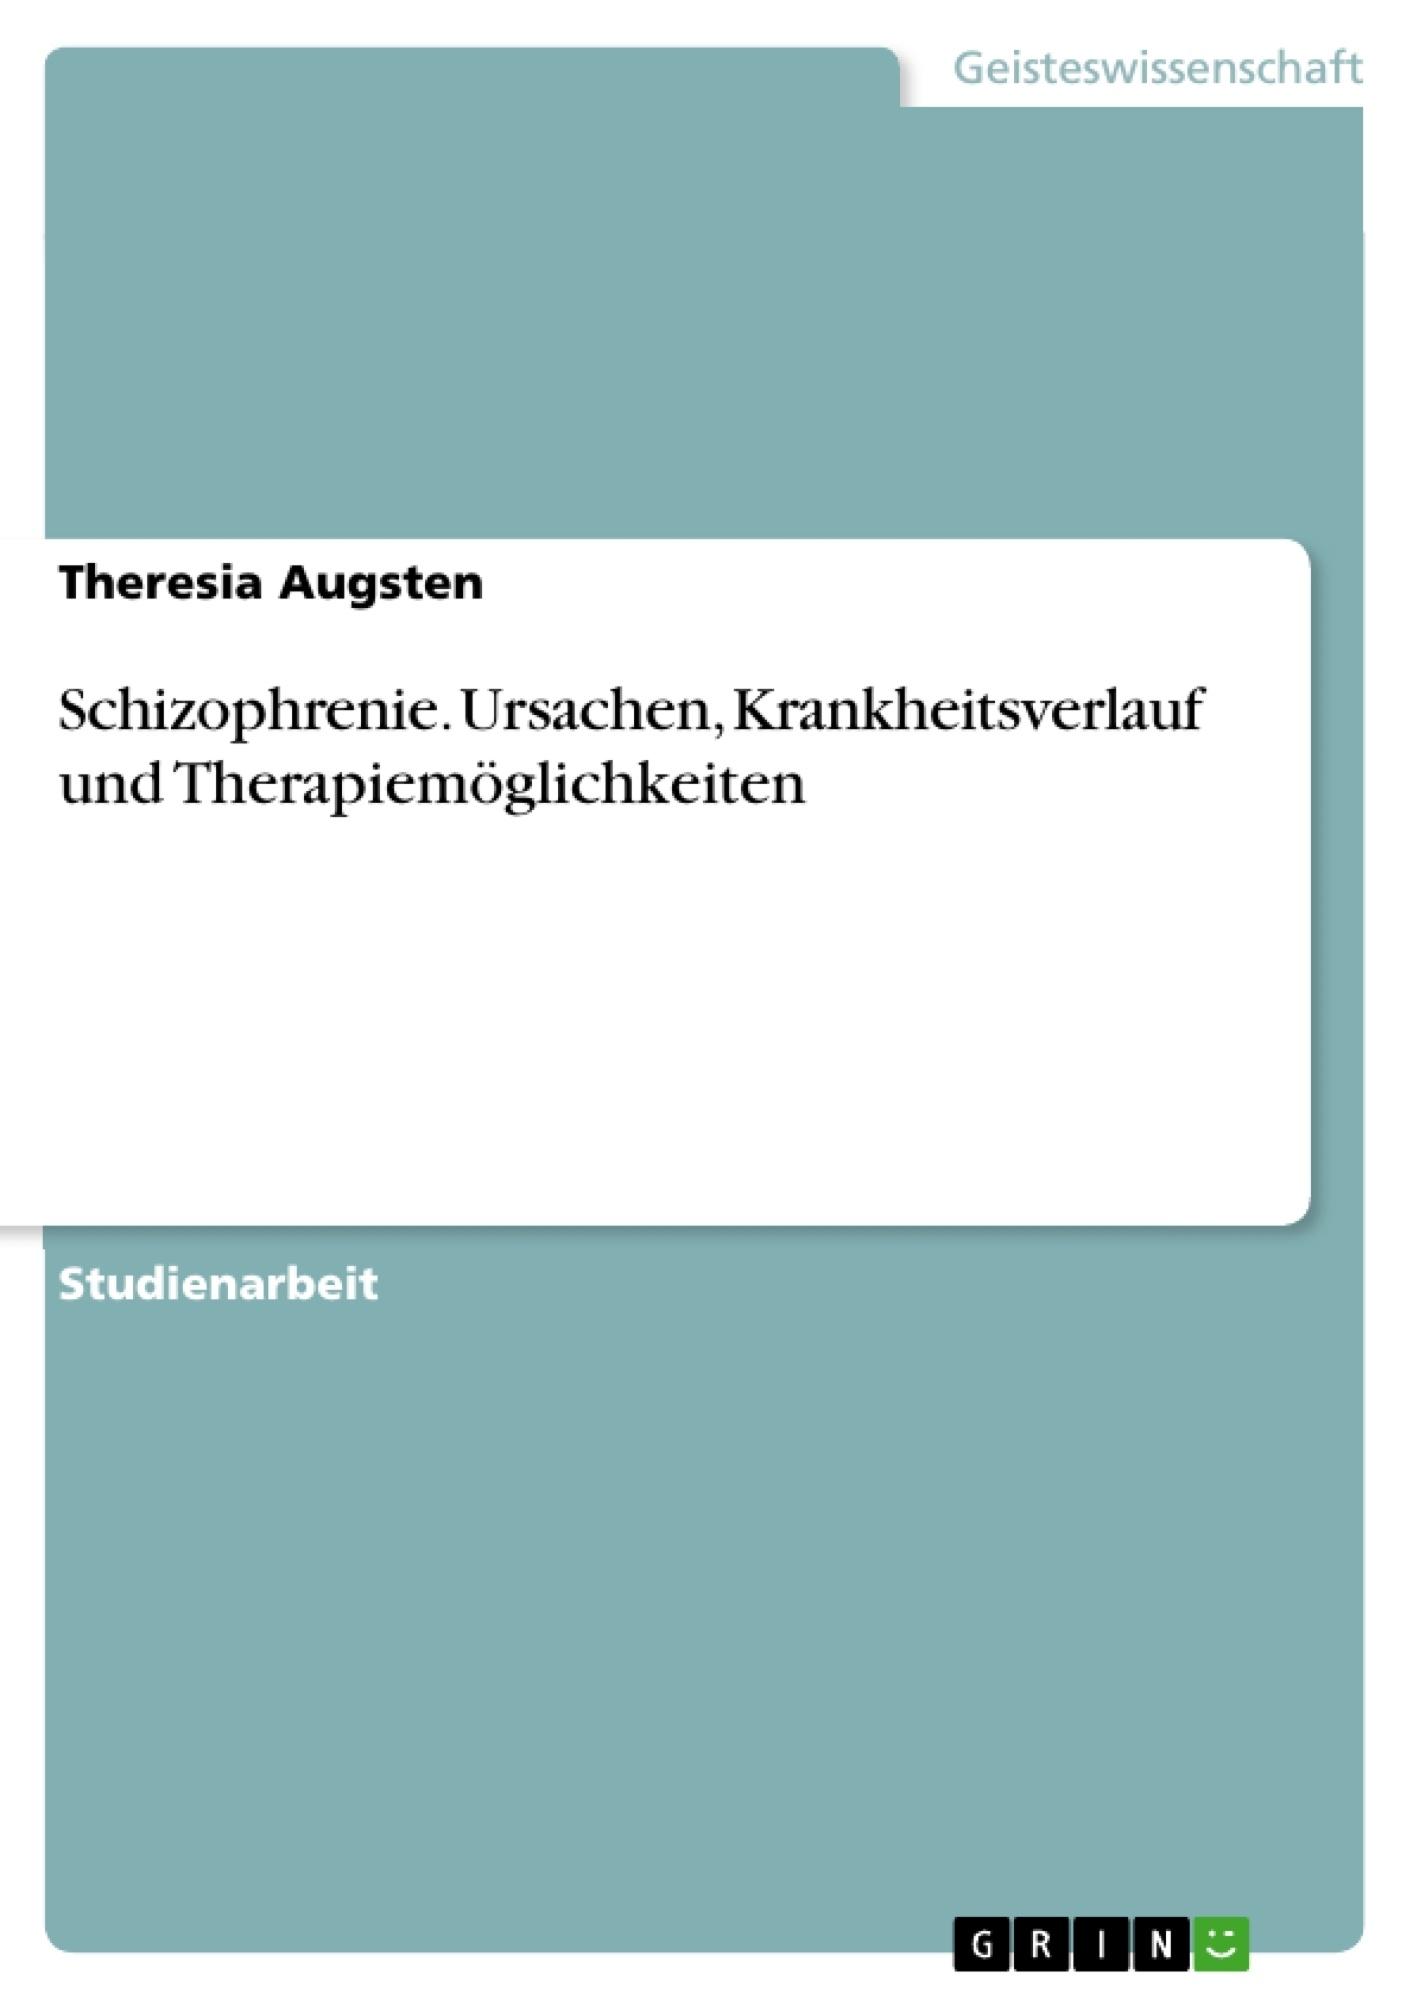 Titel: Schizophrenie. Ursachen, Krankheitsverlauf und Therapiemöglichkeiten